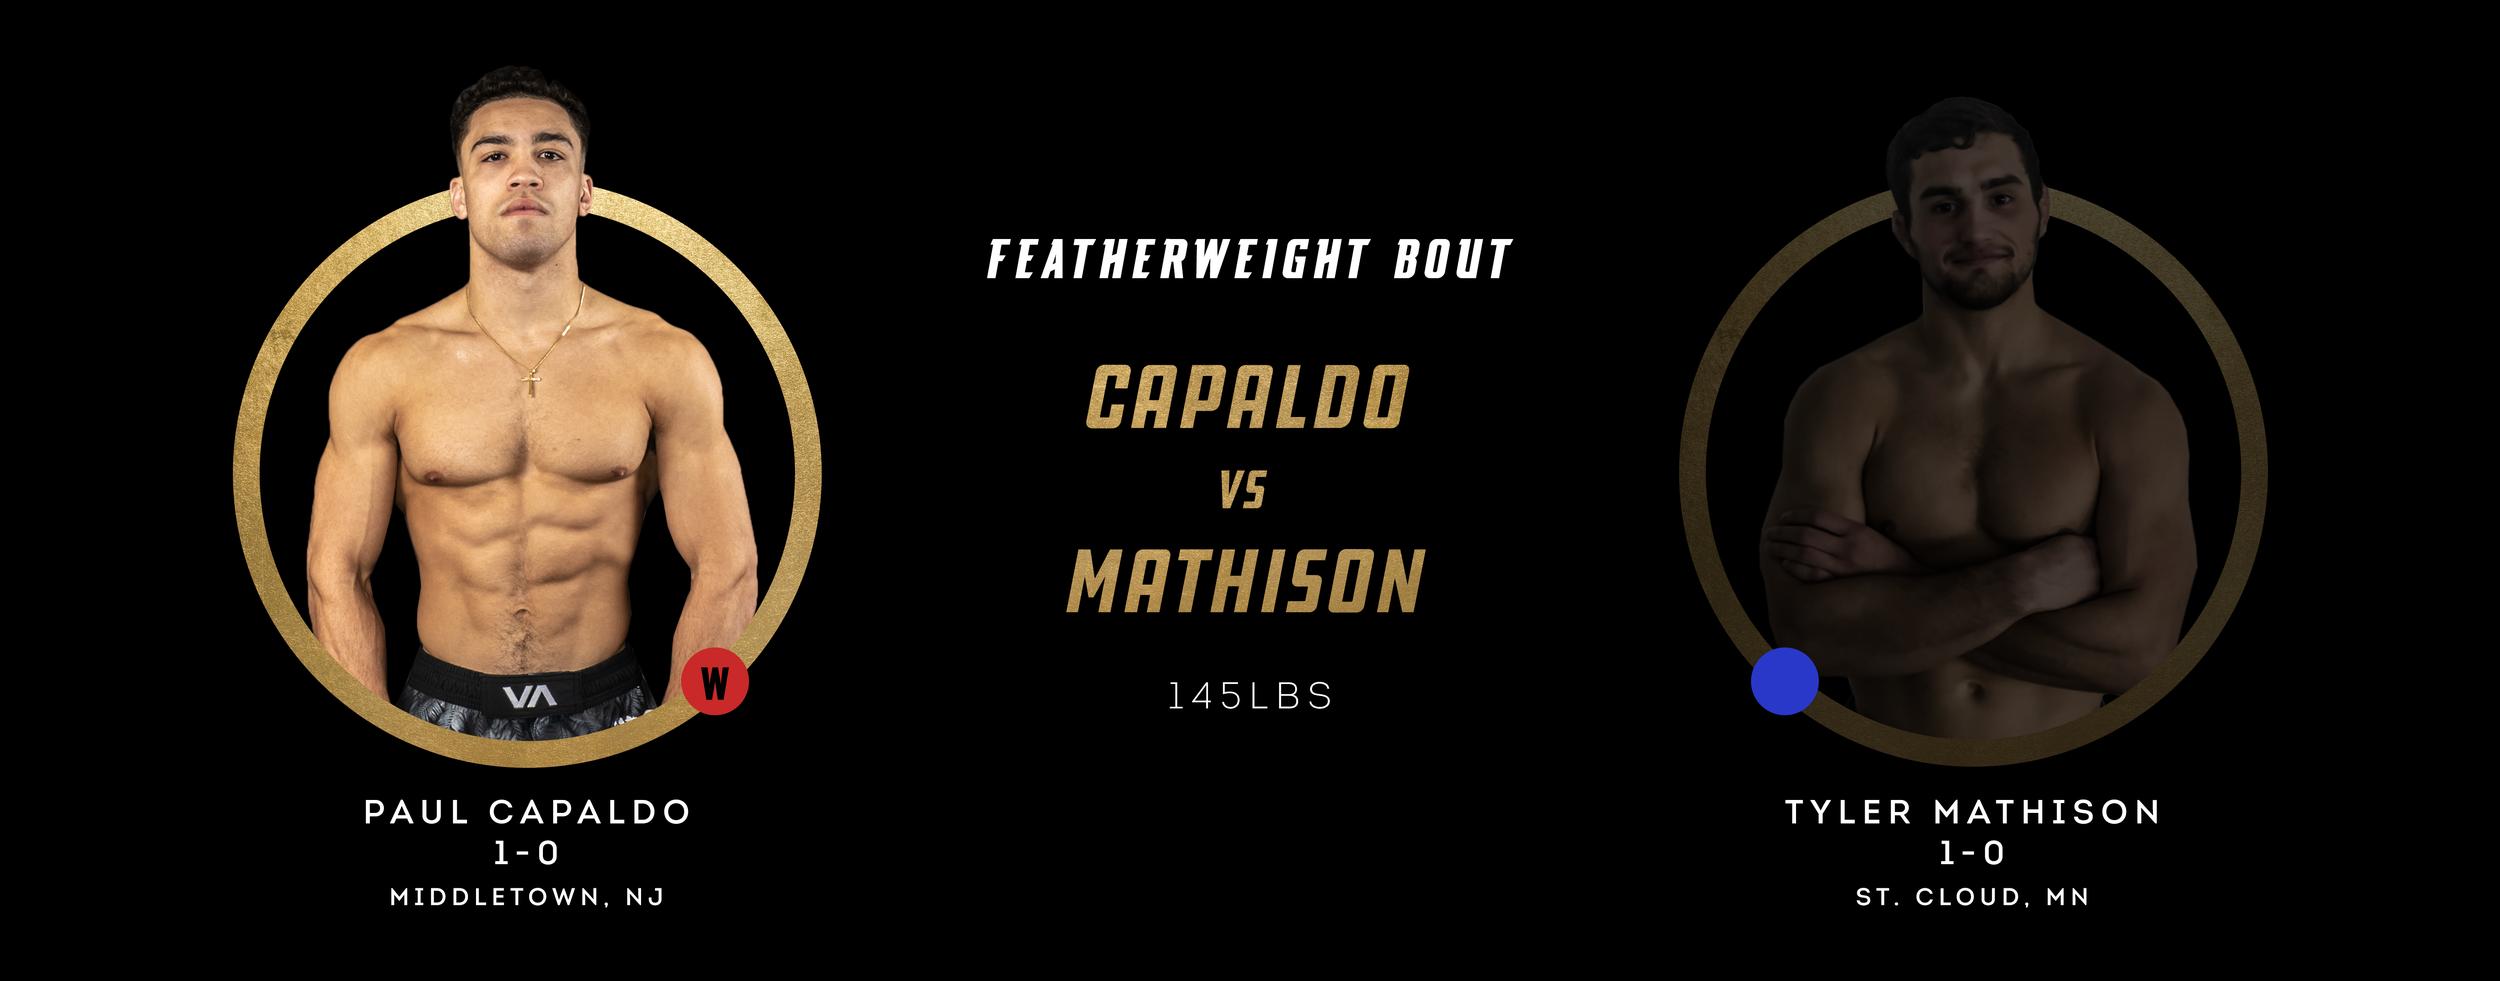 Paul Capaldo vs Tyler Mathison.png